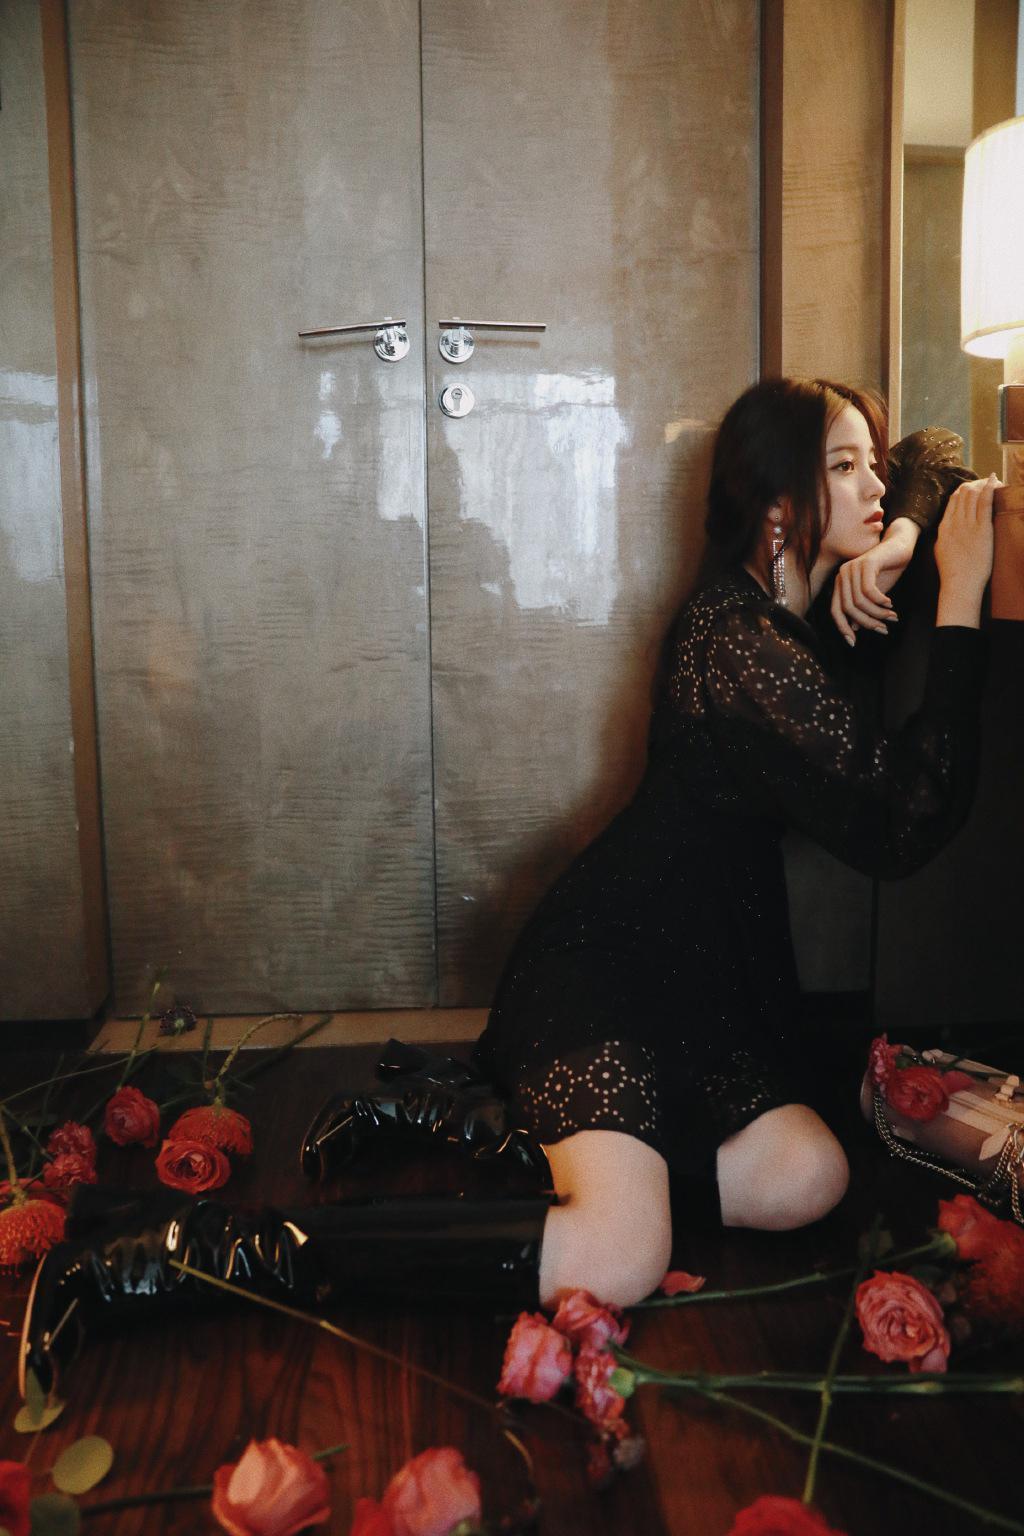 歐陽娜娜出席Roger Vivier瀋陽萬象城限時概念展,身穿Maje的秋冬系列Rasere雪紡透視洋裝(NT$11,590),手拿Mini Charm Vivier圓筒包。(Maje提供)